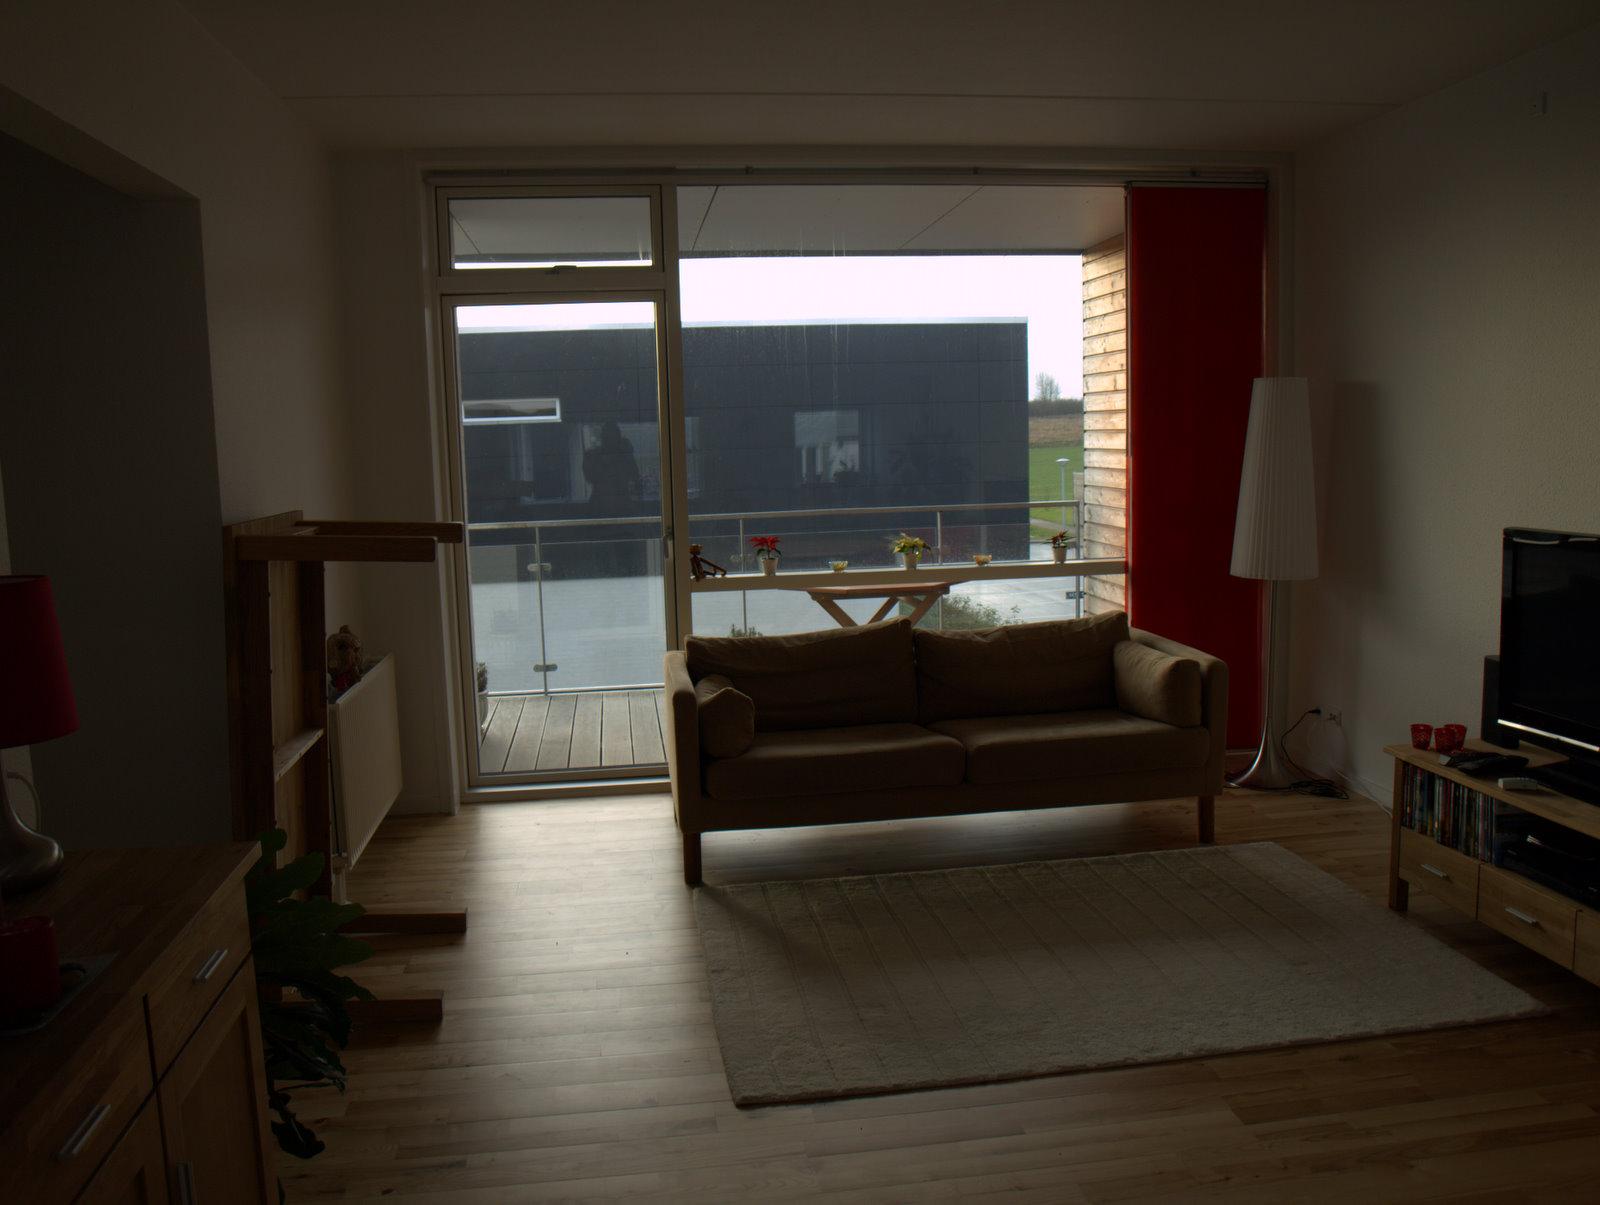 Gammel sofa - der gøres klar til idémøbler kommer med den nye og tager den gamle :)